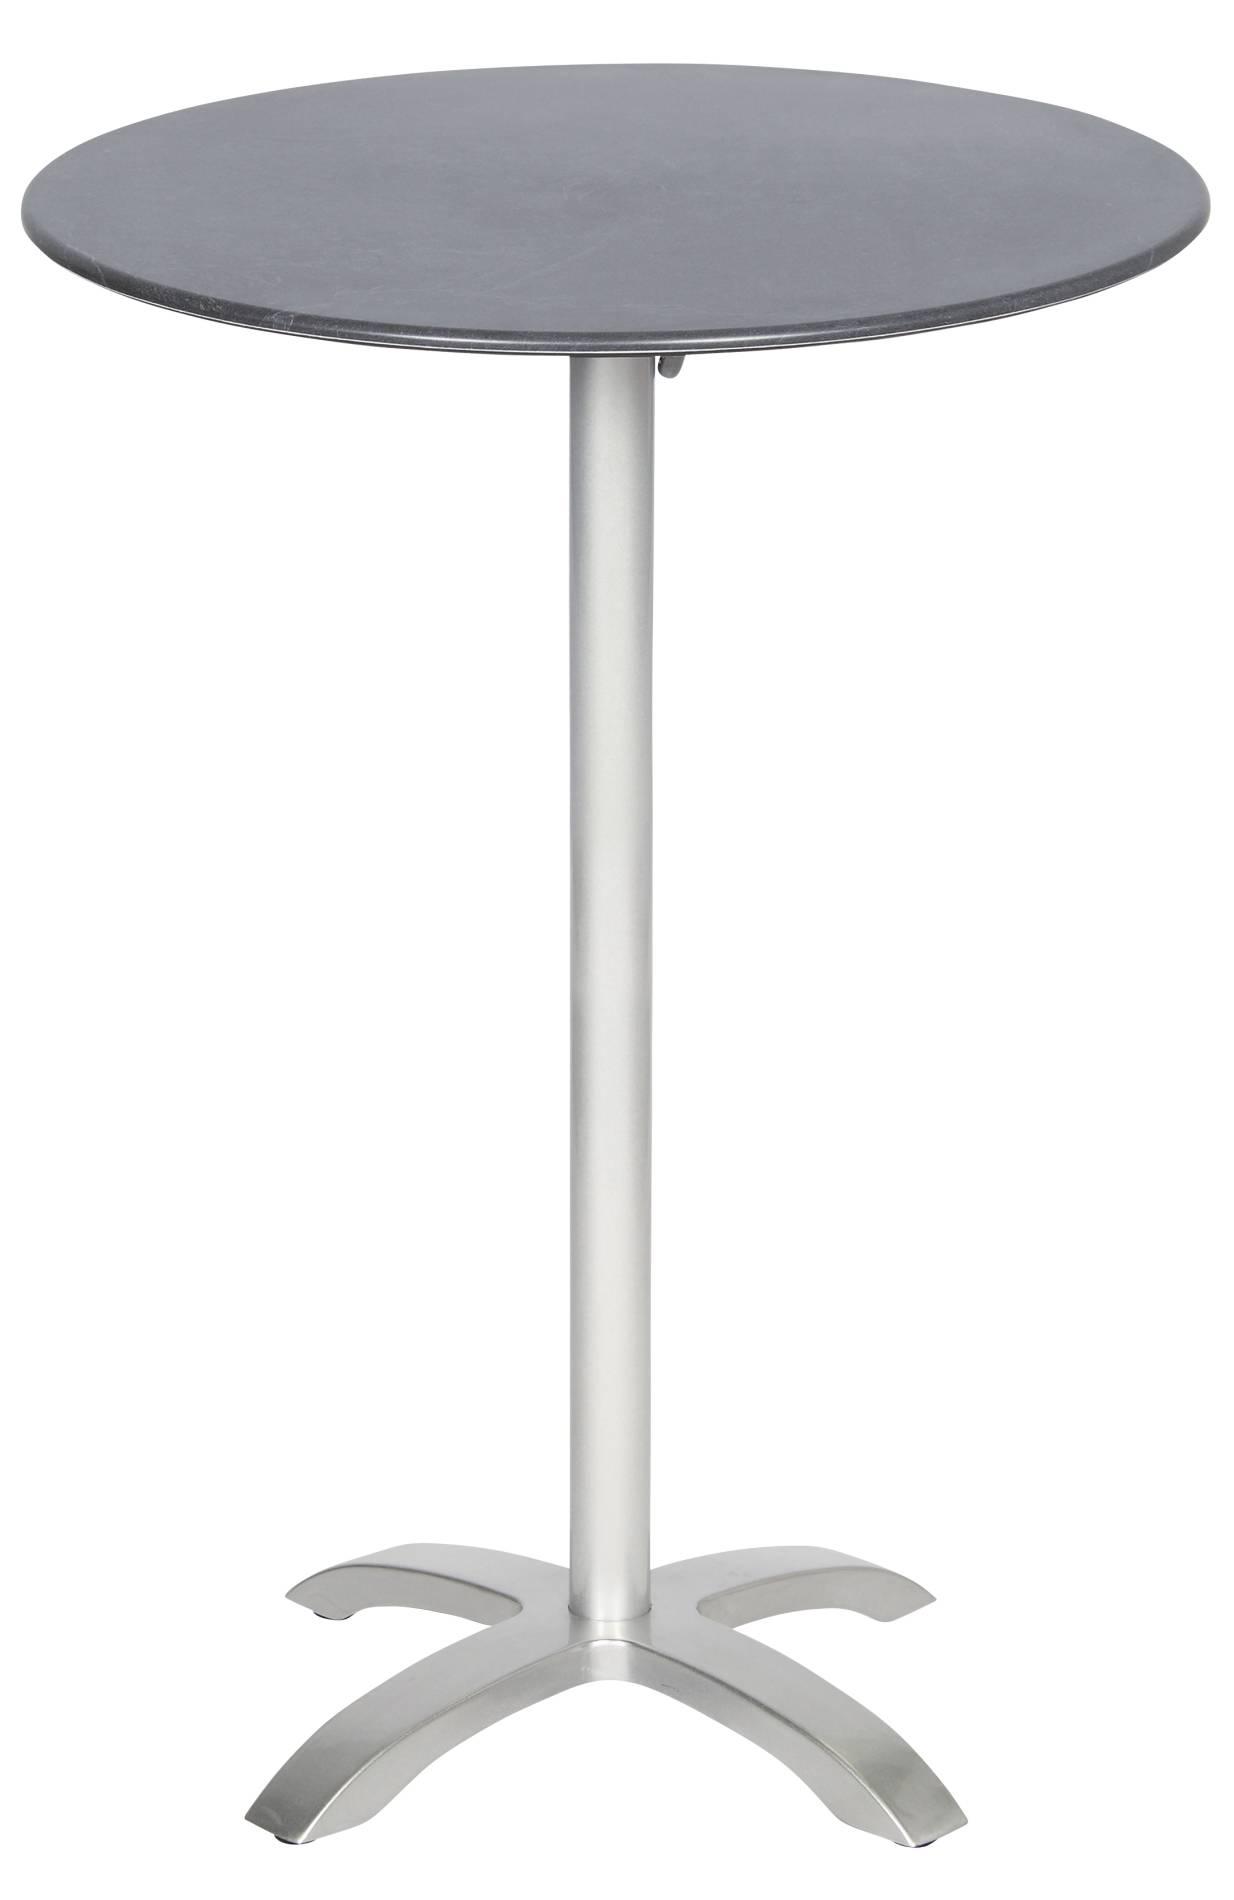 acamp 56636 Stehtisch Acaplan platinfarbendem Gestell Schieferoptik Tischplatte 110 cm hoch